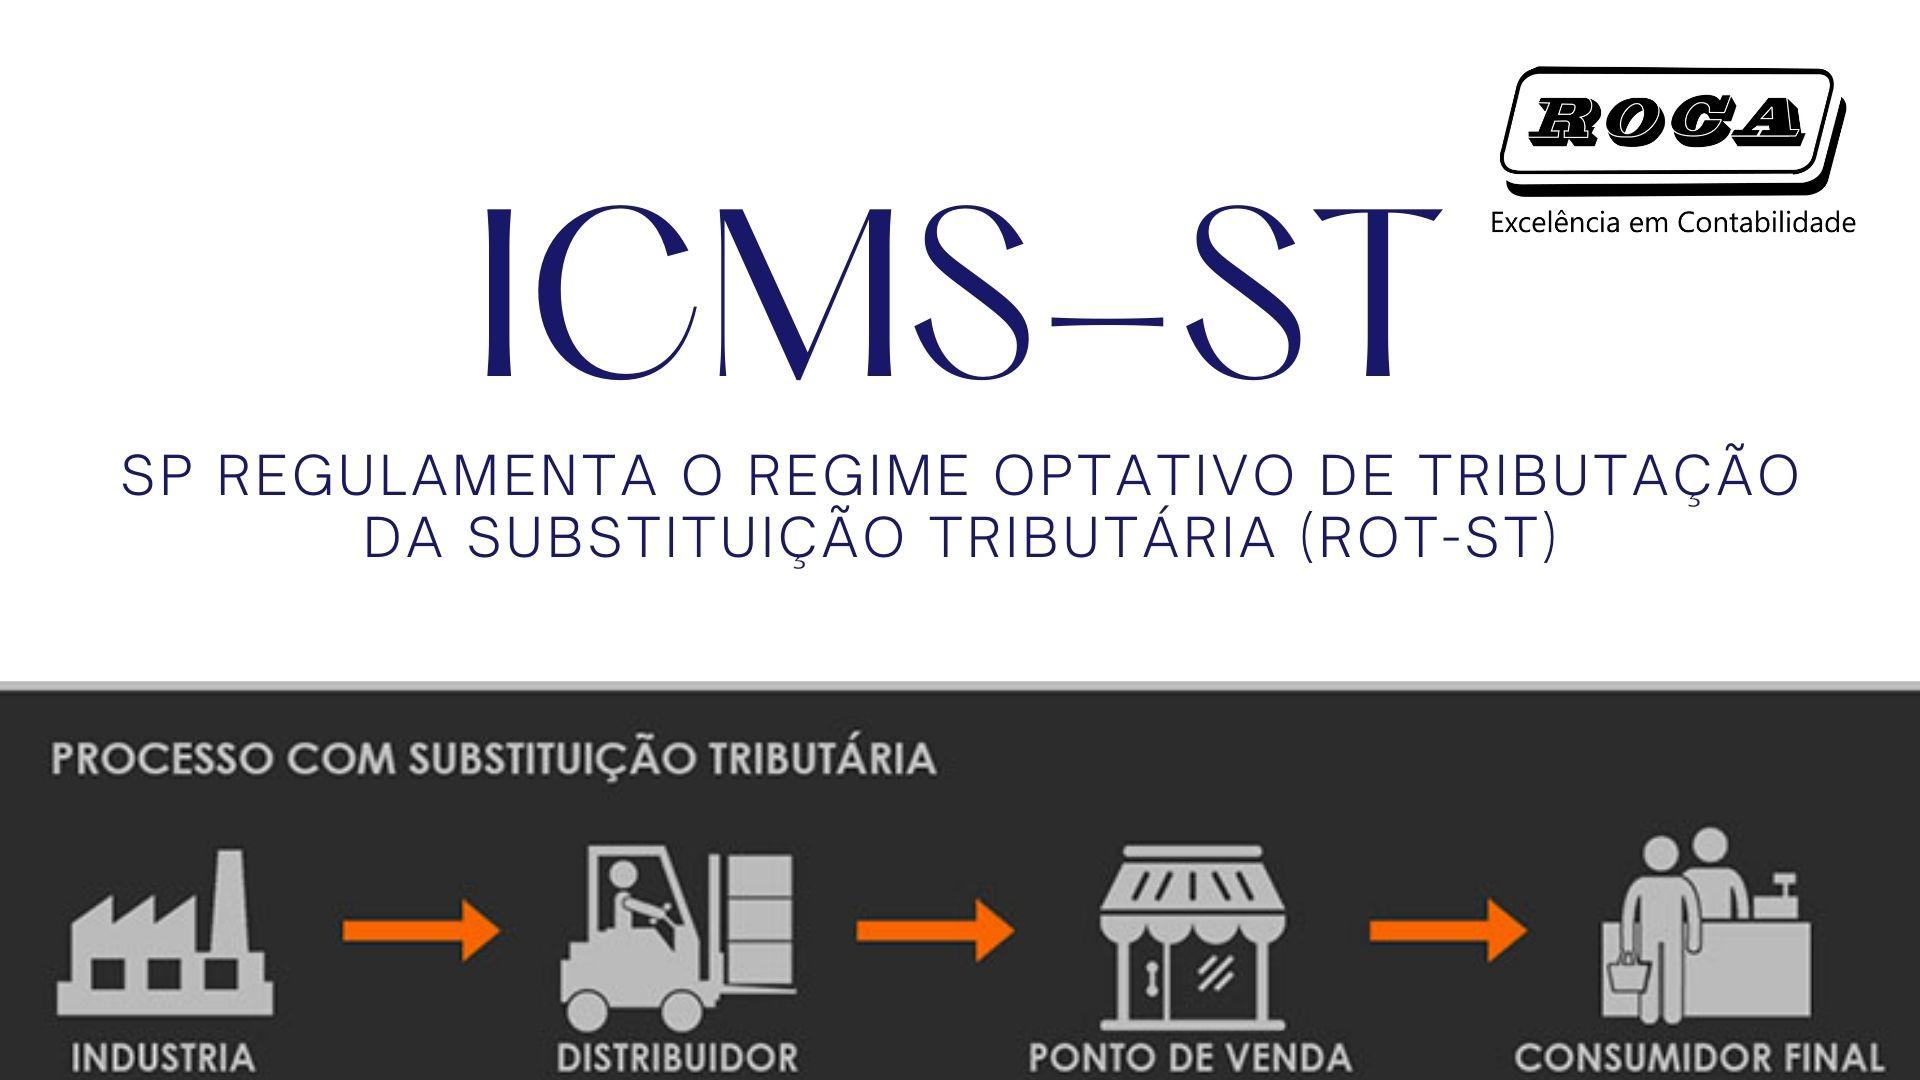 ICMS-ST: SP Regulamenta O Regime Optativo De Tributação Da Substituição Tributária (ROT-ST)